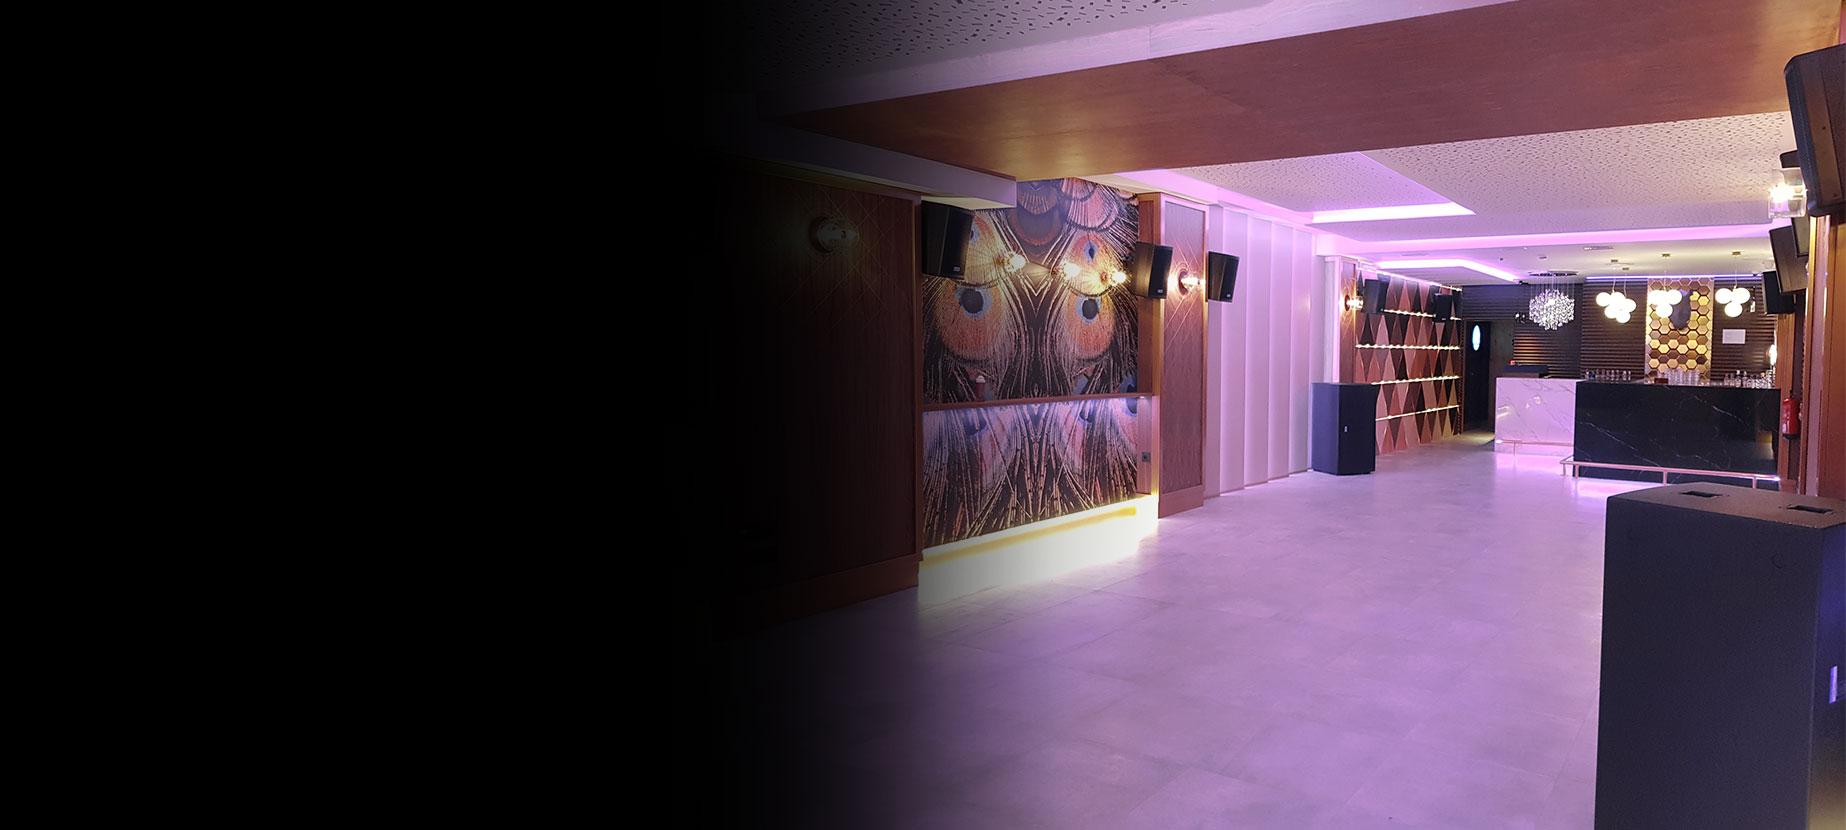 Salones Posada Real cuenta con una nueva sala de eventos en Albacete